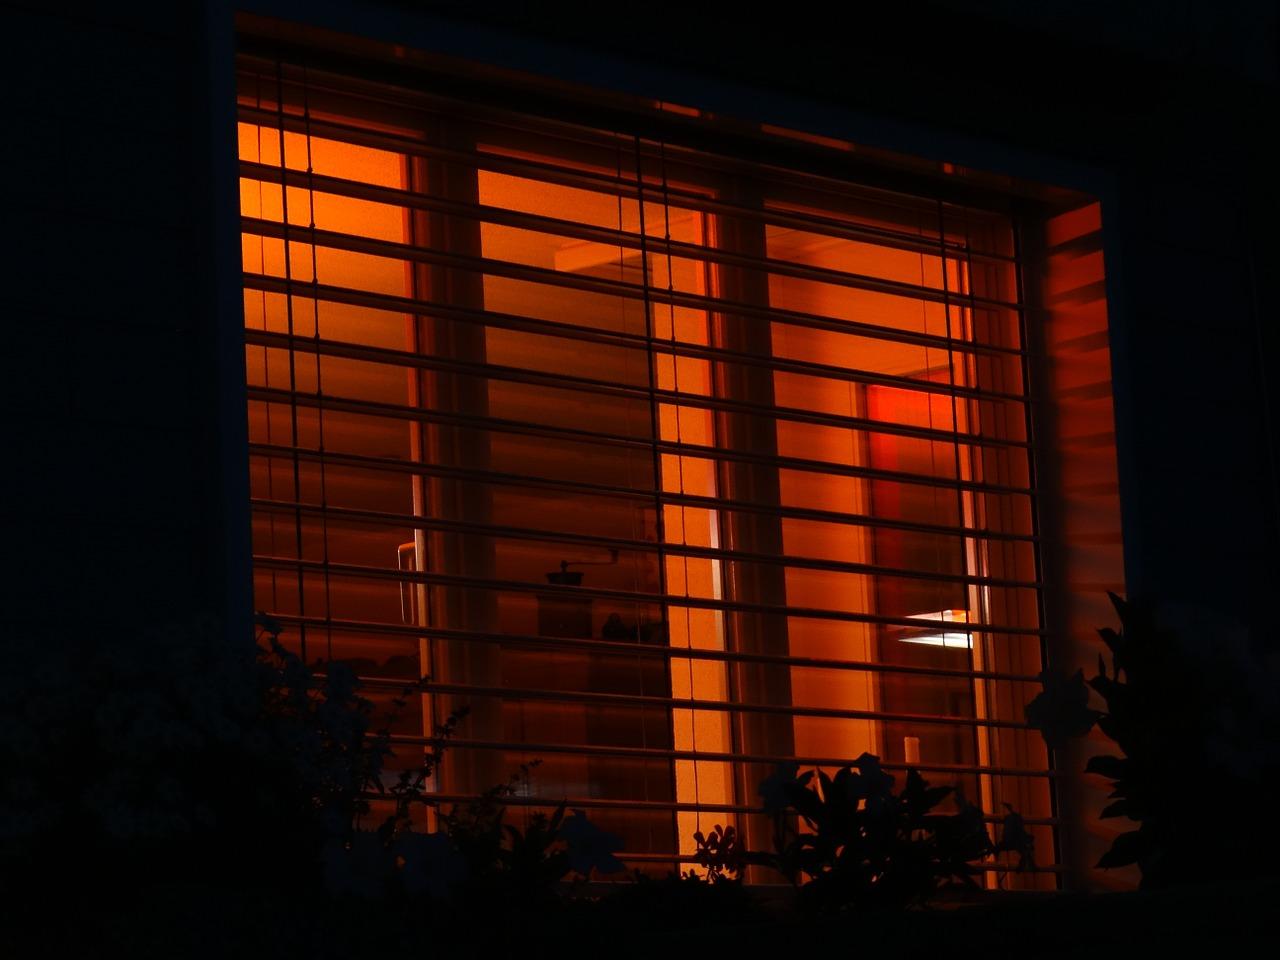 Houten jaloezieën als eyecatcher voor je woonkamer